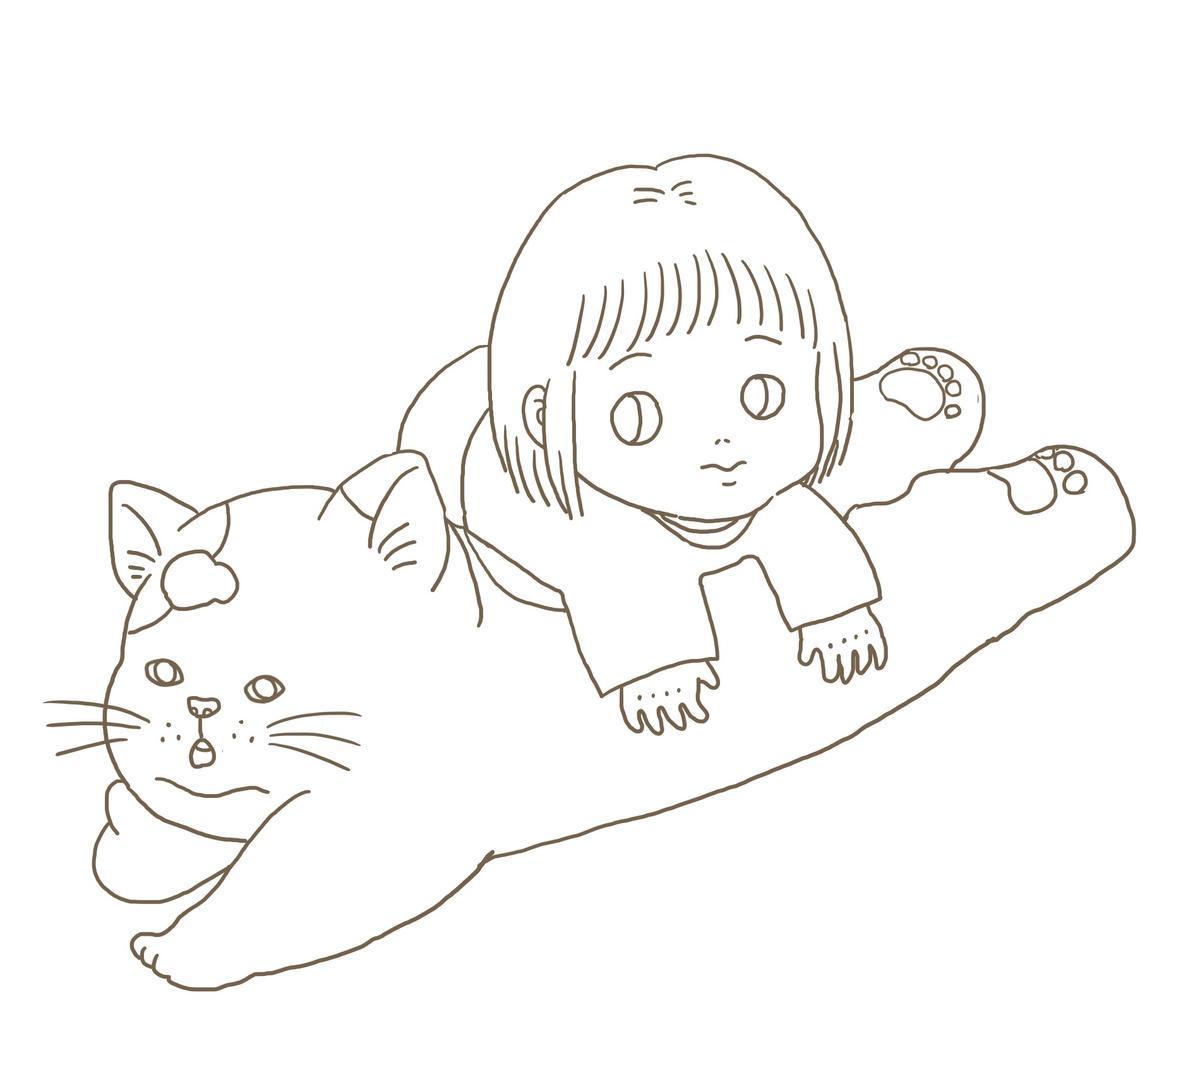 f:id:nikono:20190316235531j:plain